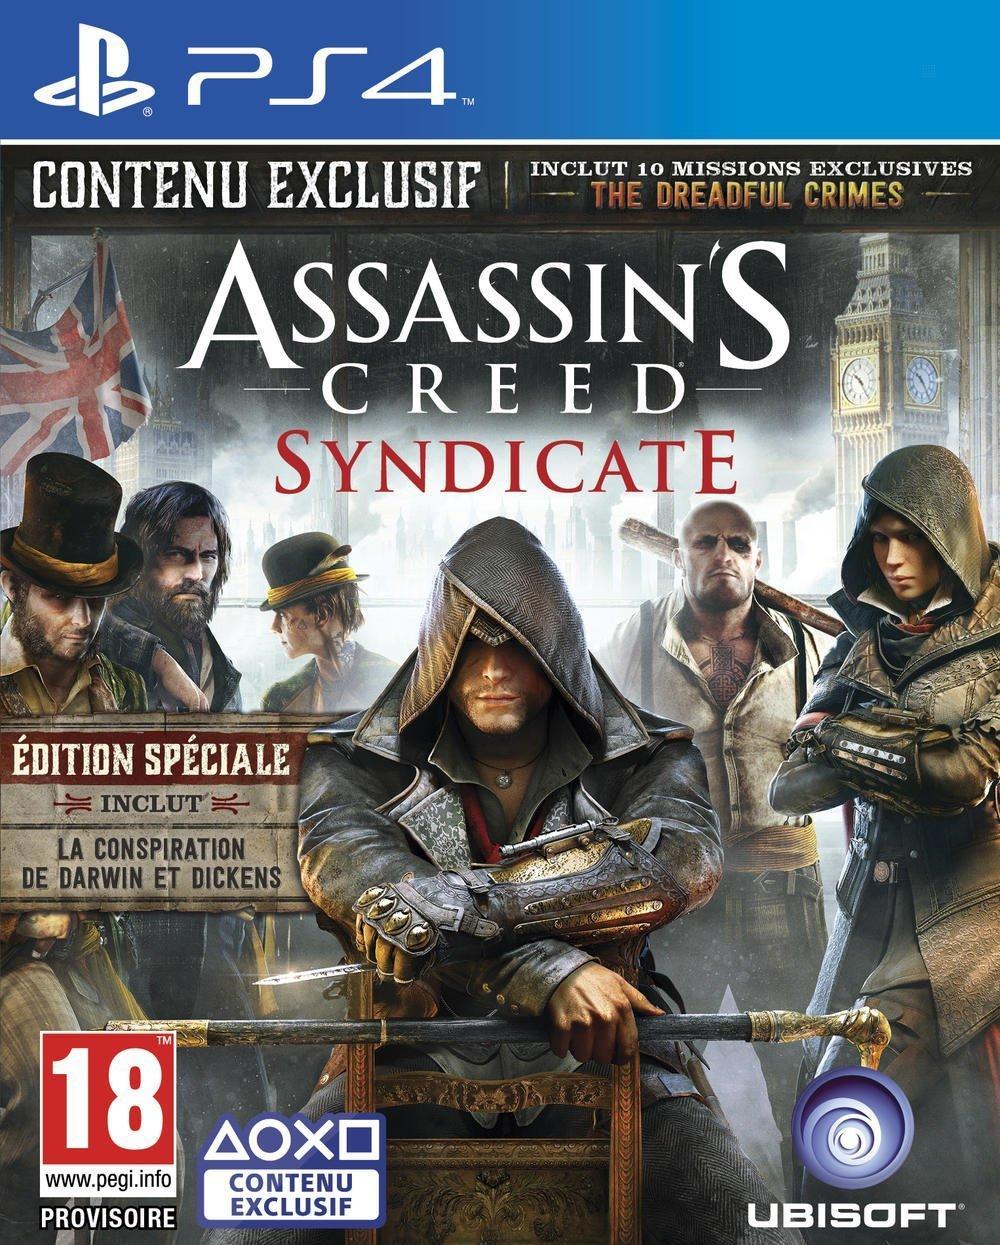 Assassin's Creed Syndicate Édition Spéciale sur PS4, Xbox One et PC